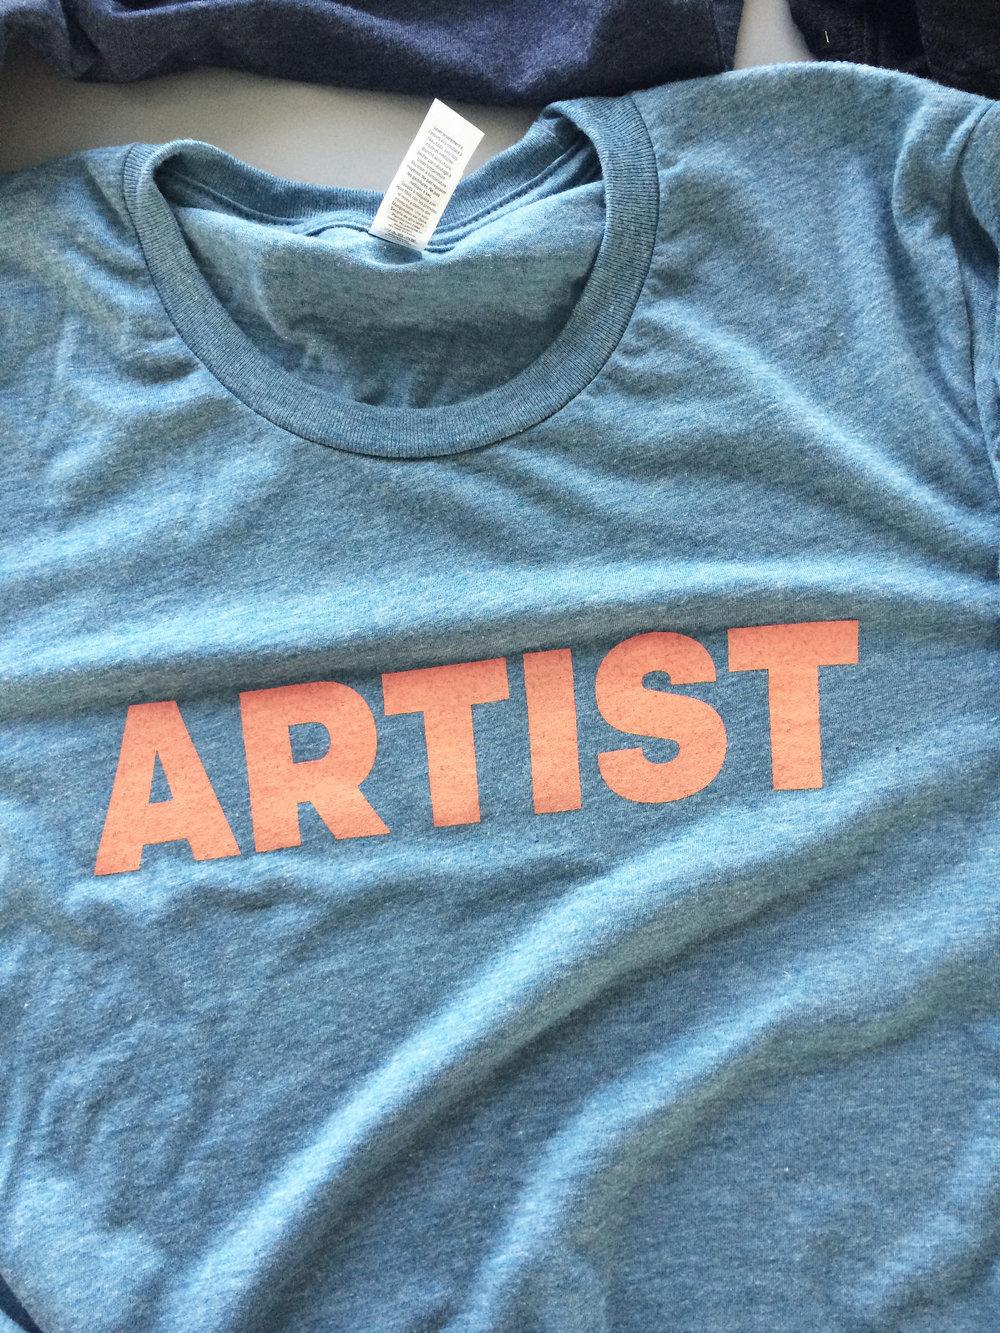 ARTIST Shirt. Soft, lightweight,  Bella + Canvas Triblend  T-shirt.  $18.00